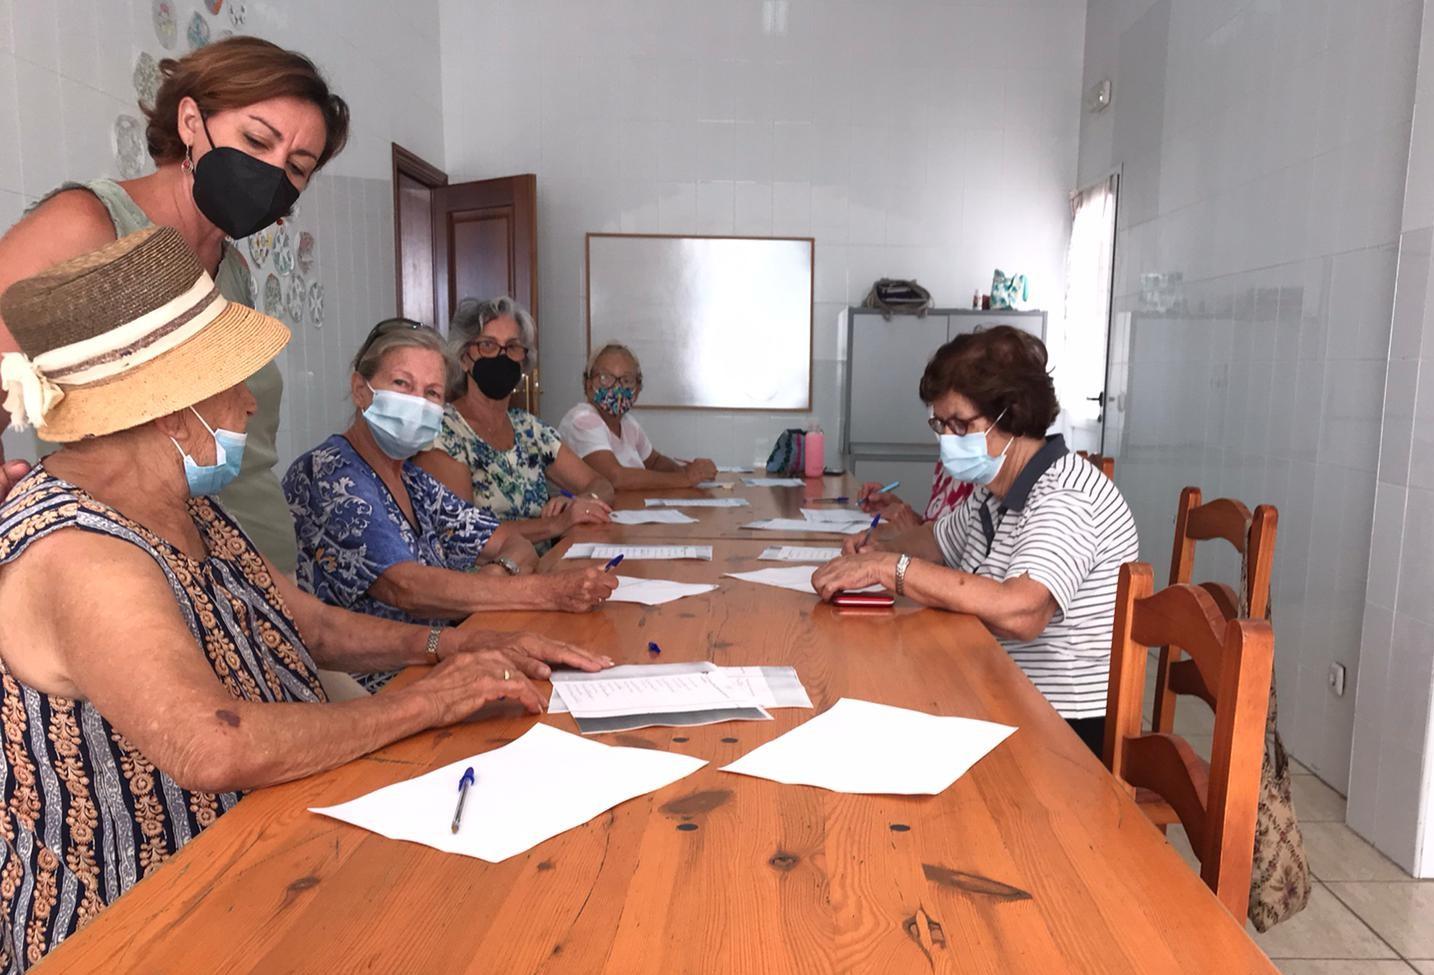 San Bartolomé pone a disposición de los mayores del municipio material didáctico que fomente su nivel cognitivo y potencie el ocio formativo